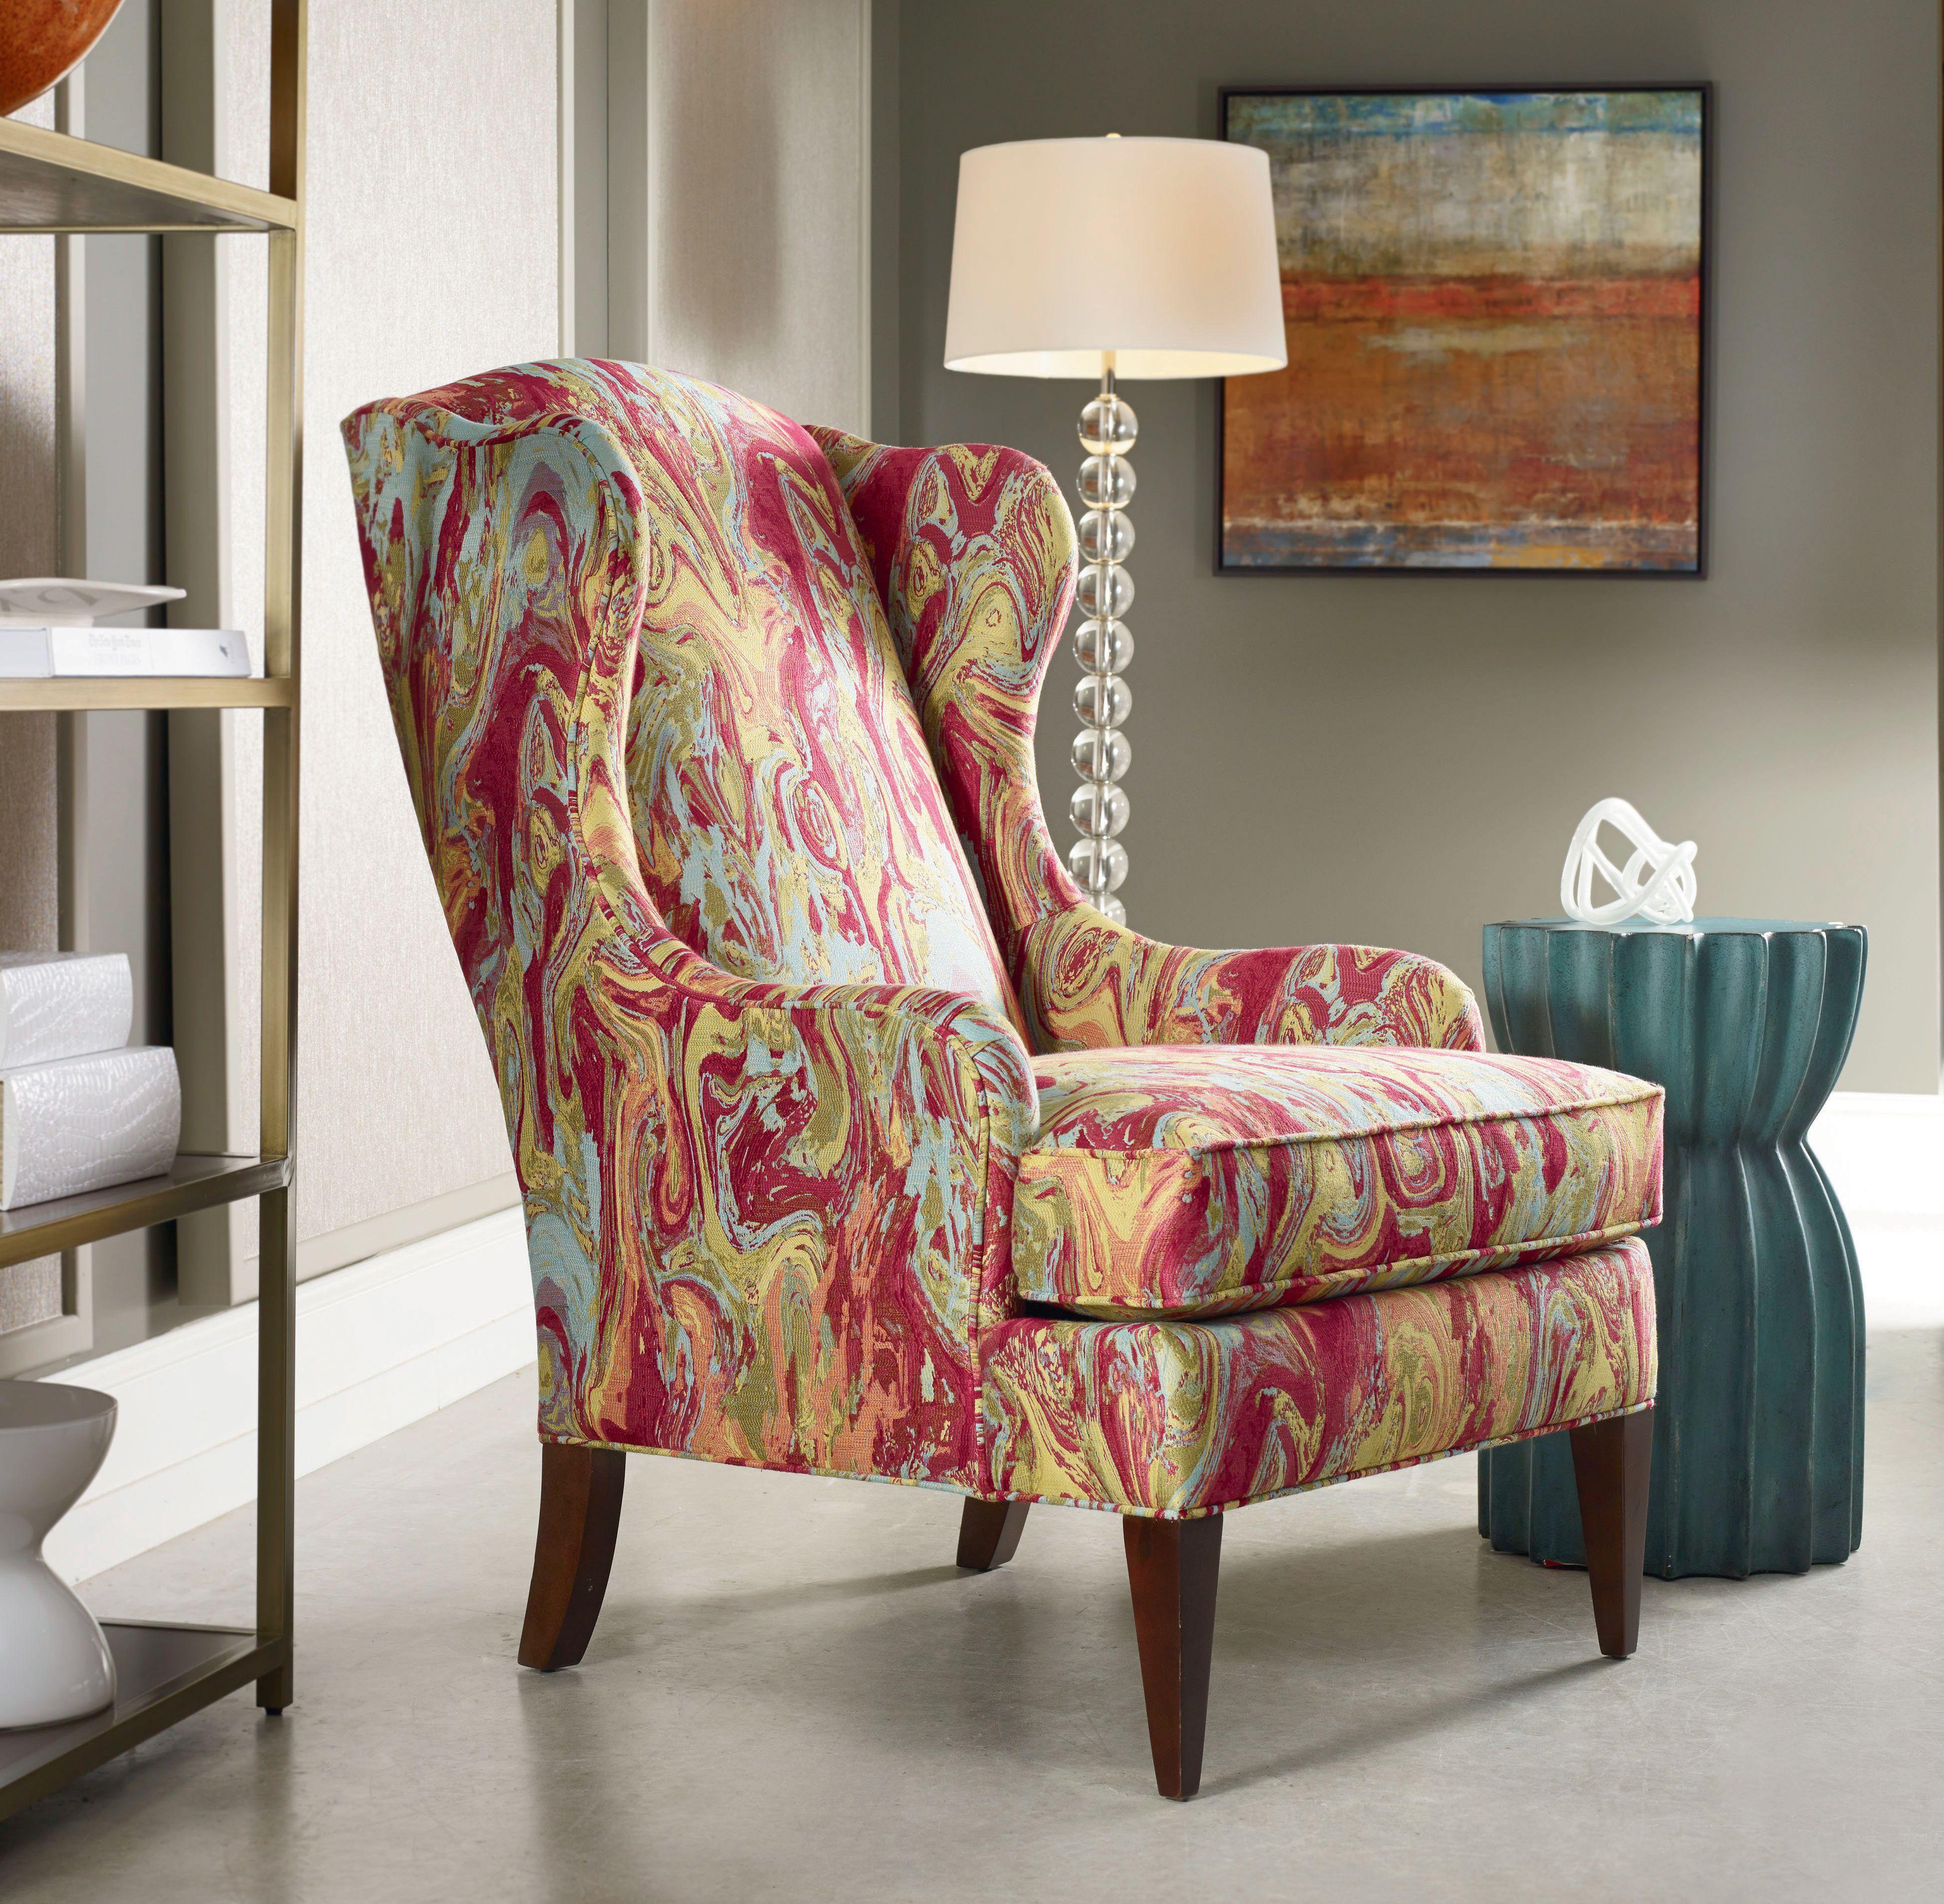 Silla colorida Euphoria de Sam Moore en una sala de estar cerca de una lámpara de pie. , Una silla estampada de Newport con una almohada marrón